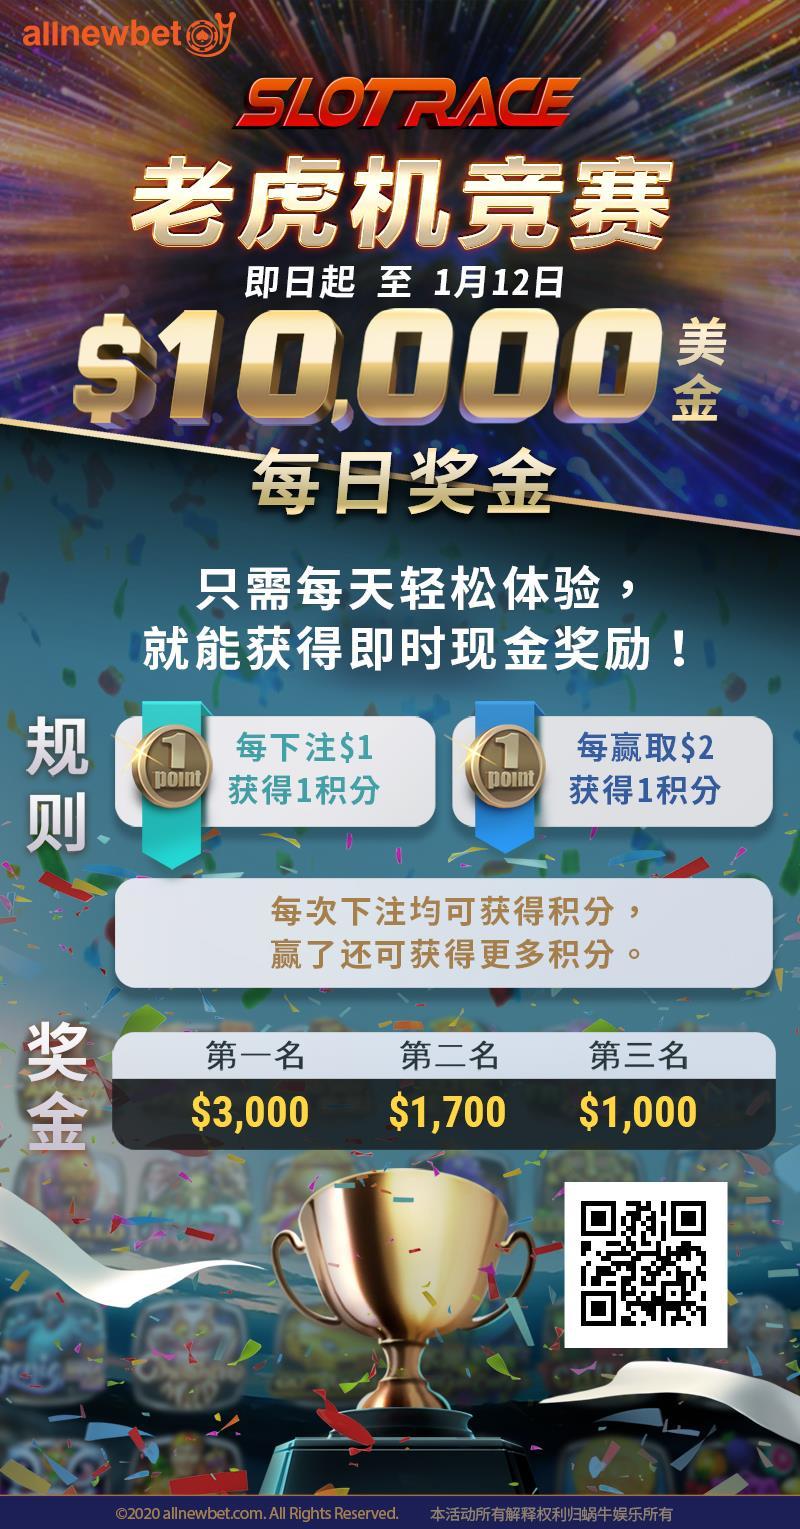 蜗牛扑克每日,000美金老虎机竞赛